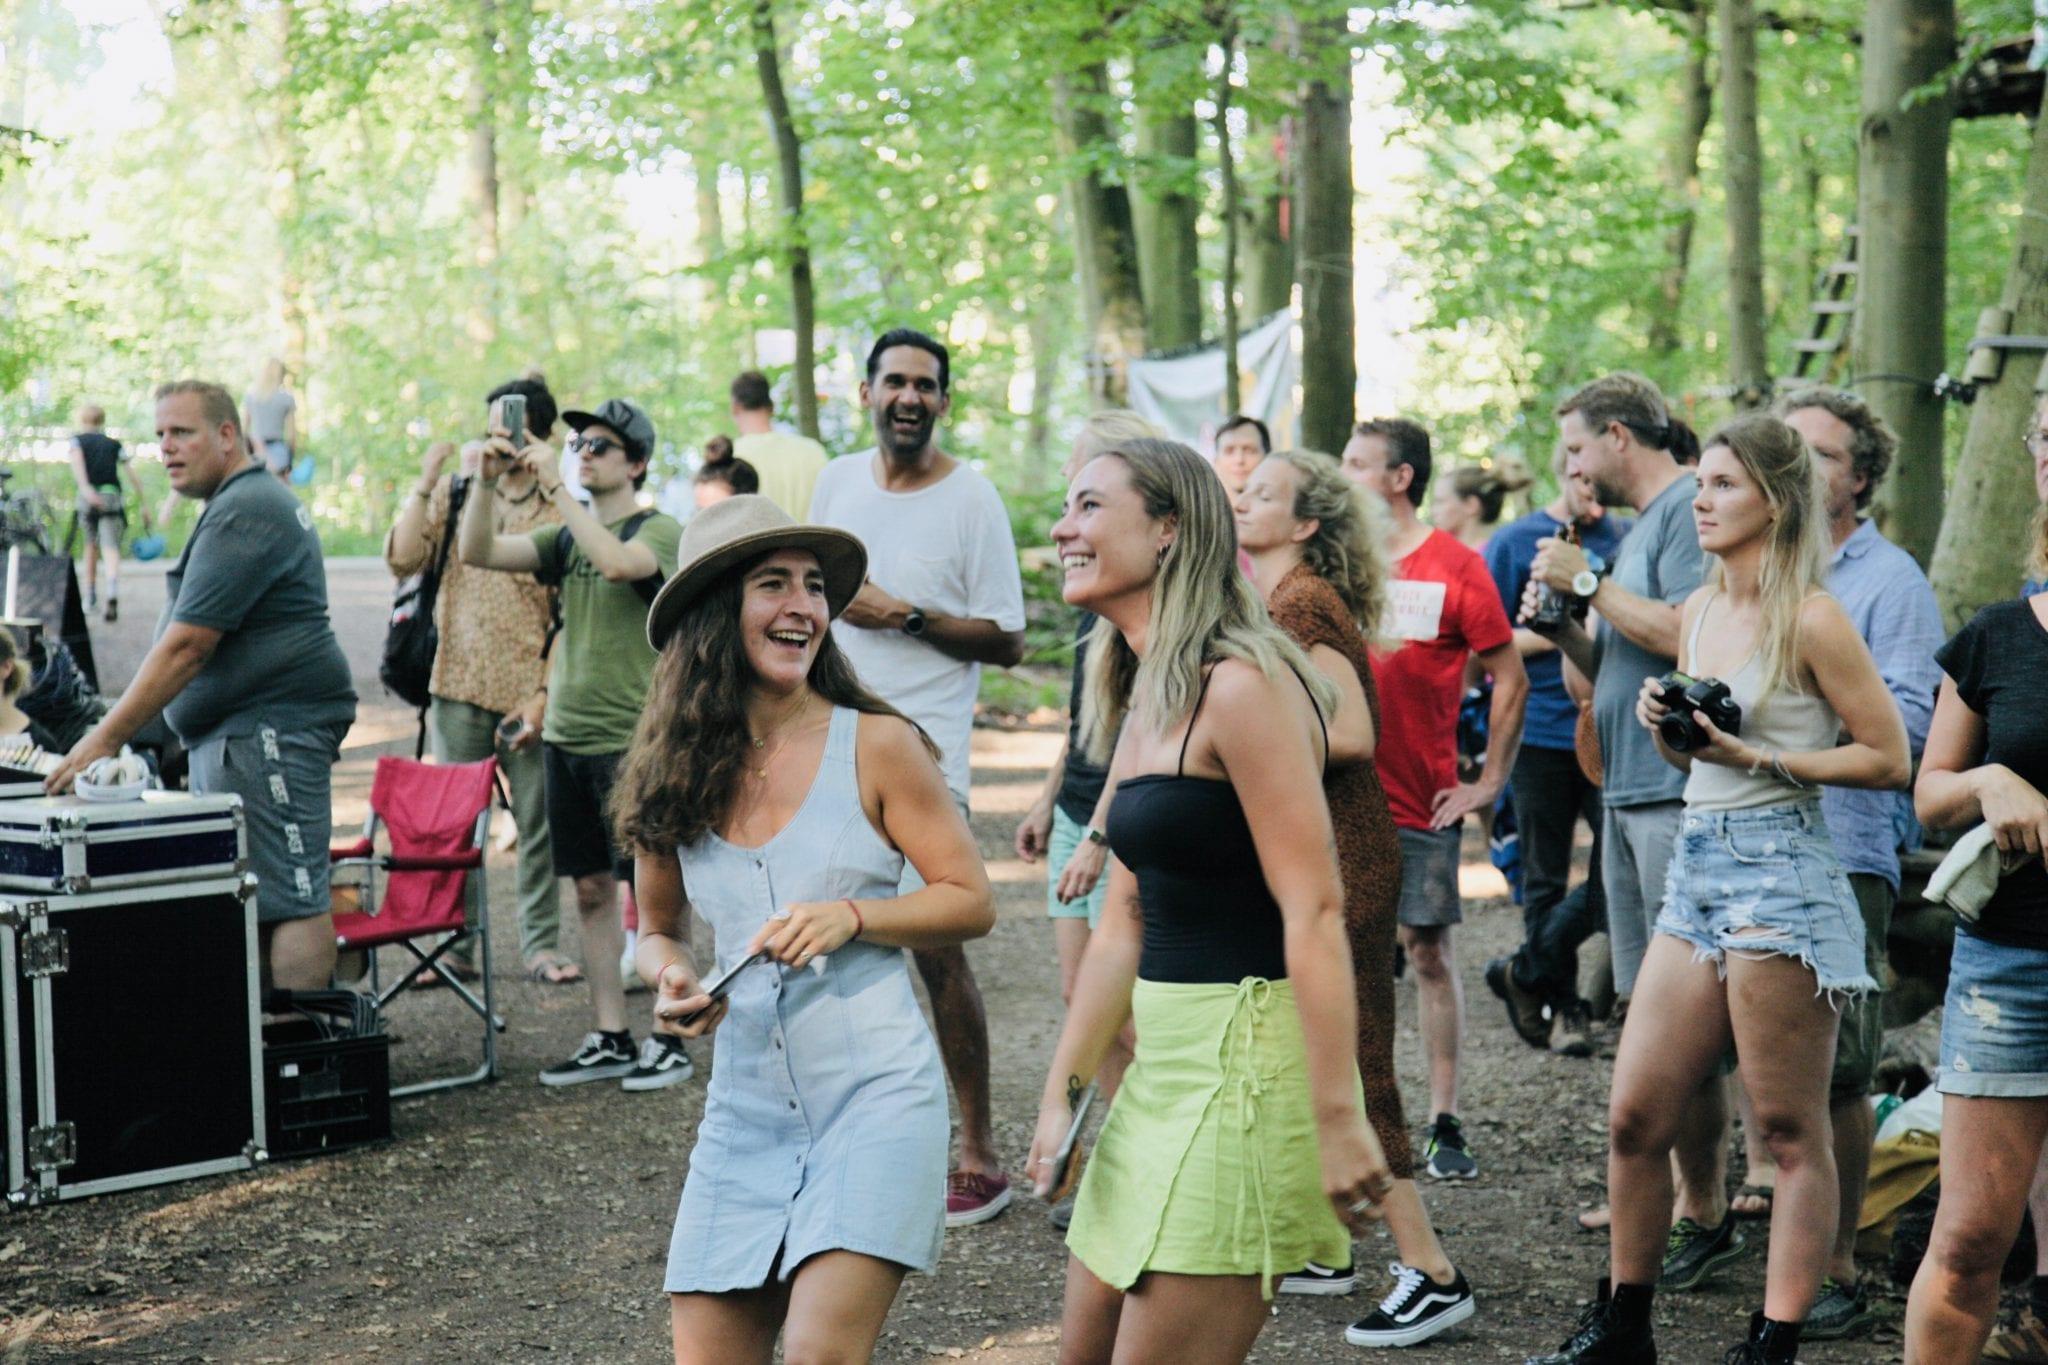 Bandjes in het Bos festival 2019 bezoekers